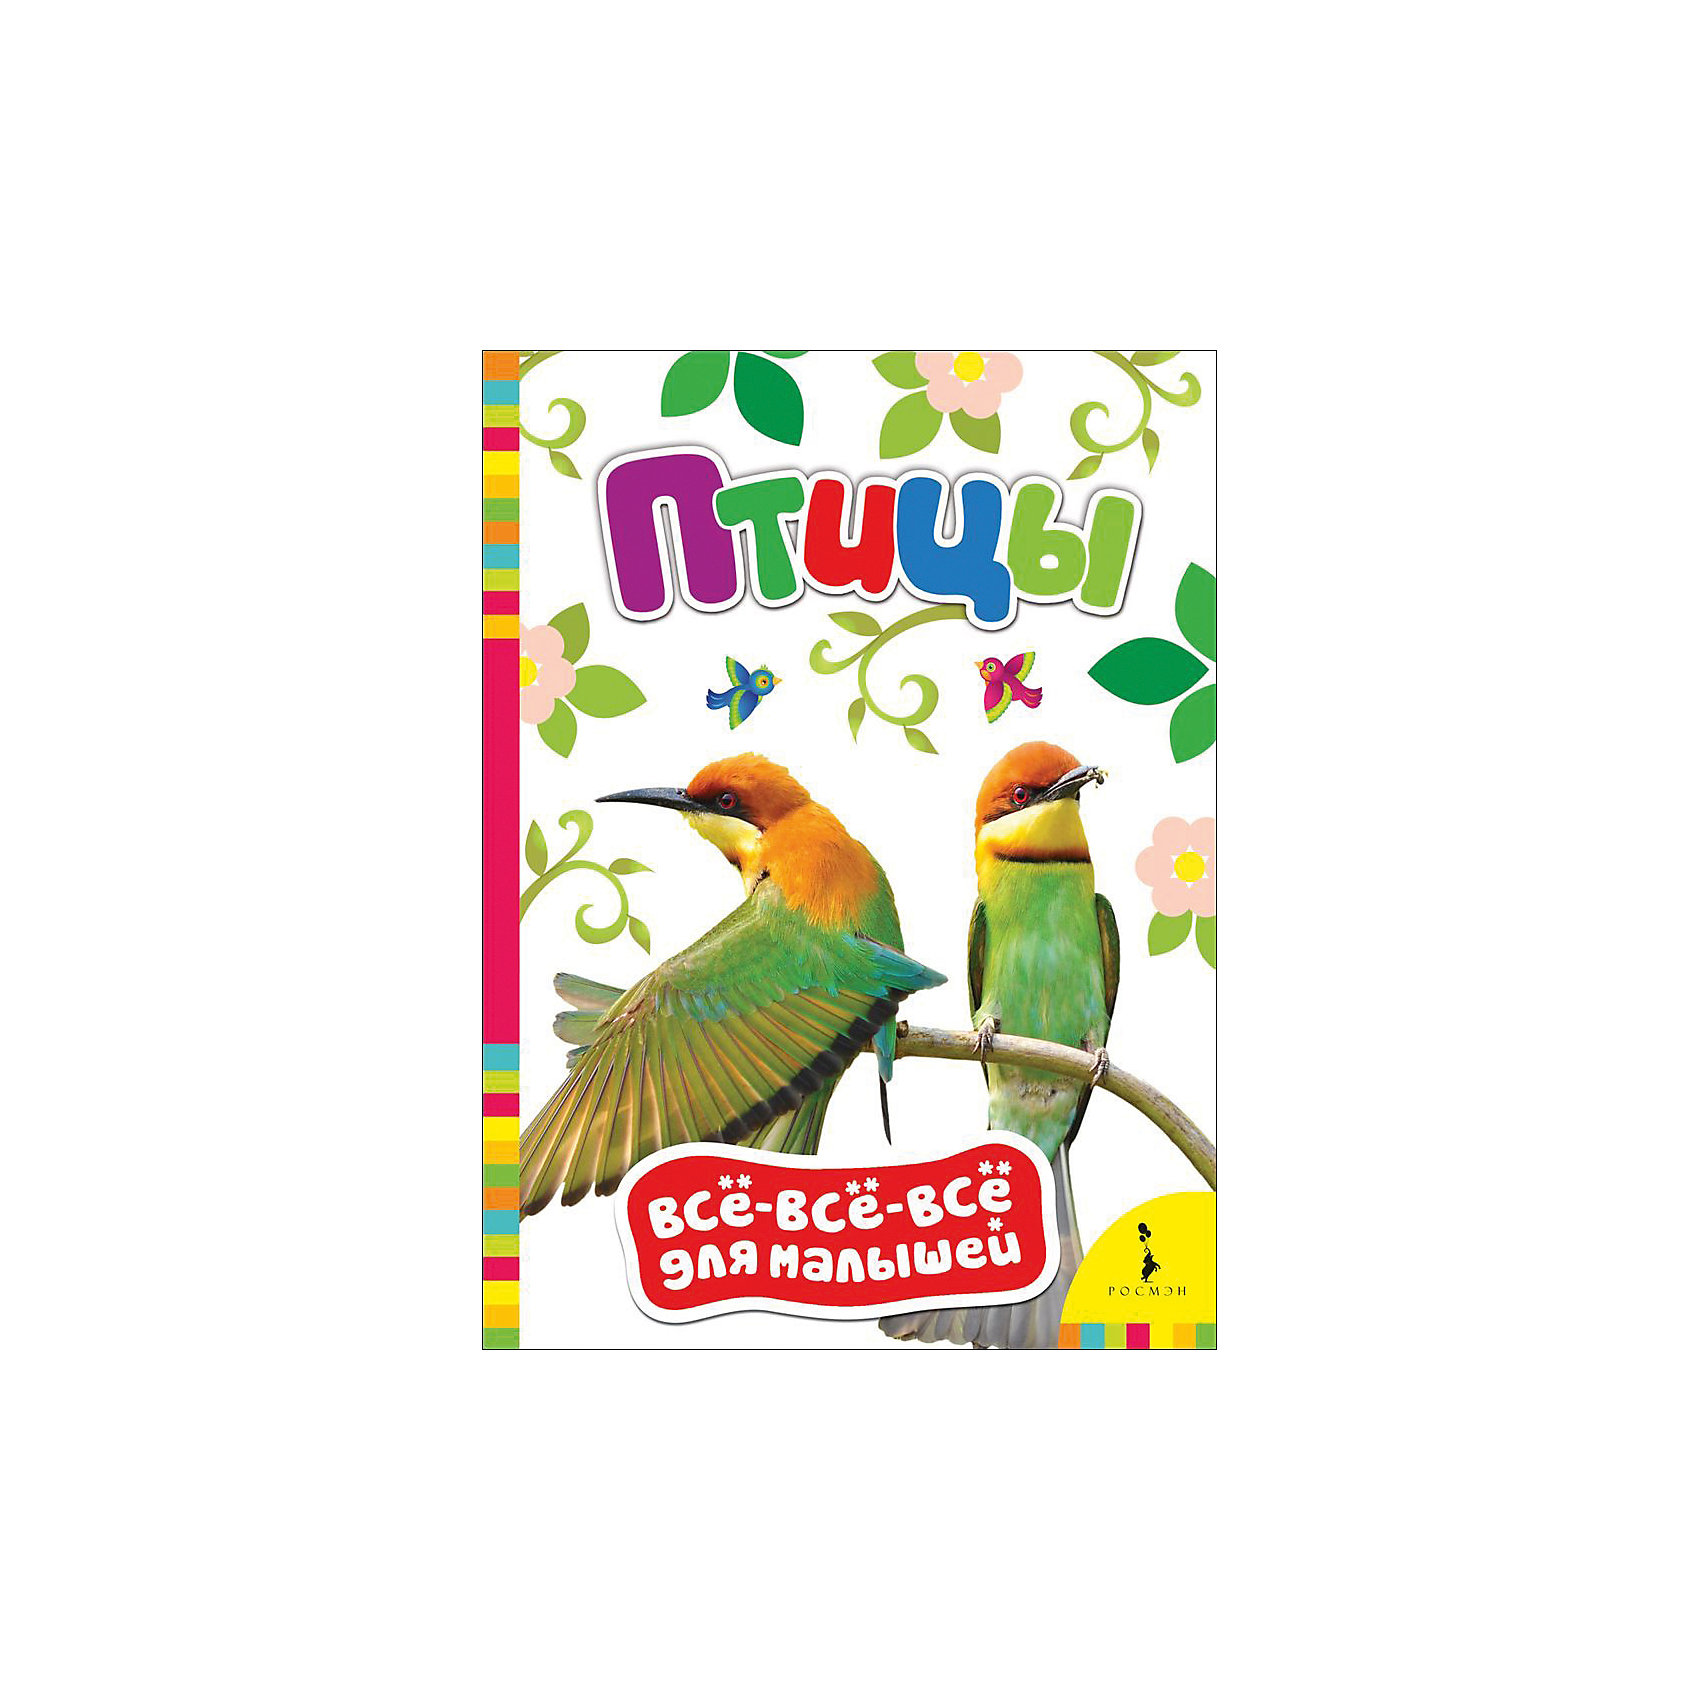 Птицы, Все-все-все для малышейЭнциклопедии для малышей<br>Характеристики товара:<br><br>- цвет: разноцветный;<br>- материал: бумага;<br>- страниц: 8;<br>- формат: 22 х 16 см;<br>- обложка: картон;<br>- цветные иллюстрации. <br><br>Эта полезная книга станет отличным подарком для родителей и ребенка. Она содержит в себе фотографии, а также интересные вопросы и задания, связанные с различными птицами. Отличный способ привить малышу любовь к занятиям и начать обучение!<br>Чтение и рассматривание картинок даже в юном возрасте помогает ребенку развивать память, концентрацию внимания и воображение. Издание произведено из качественных материалов, которые безопасны даже для самых маленьких.<br><br>Издание Птицы, Все-все-все для малышей от компании Росмэн можно купить в нашем интернет-магазине.<br><br>Ширина мм: 220<br>Глубина мм: 160<br>Высота мм: 5<br>Вес г: 111<br>Возраст от месяцев: 0<br>Возраст до месяцев: 36<br>Пол: Унисекс<br>Возраст: Детский<br>SKU: 5110070